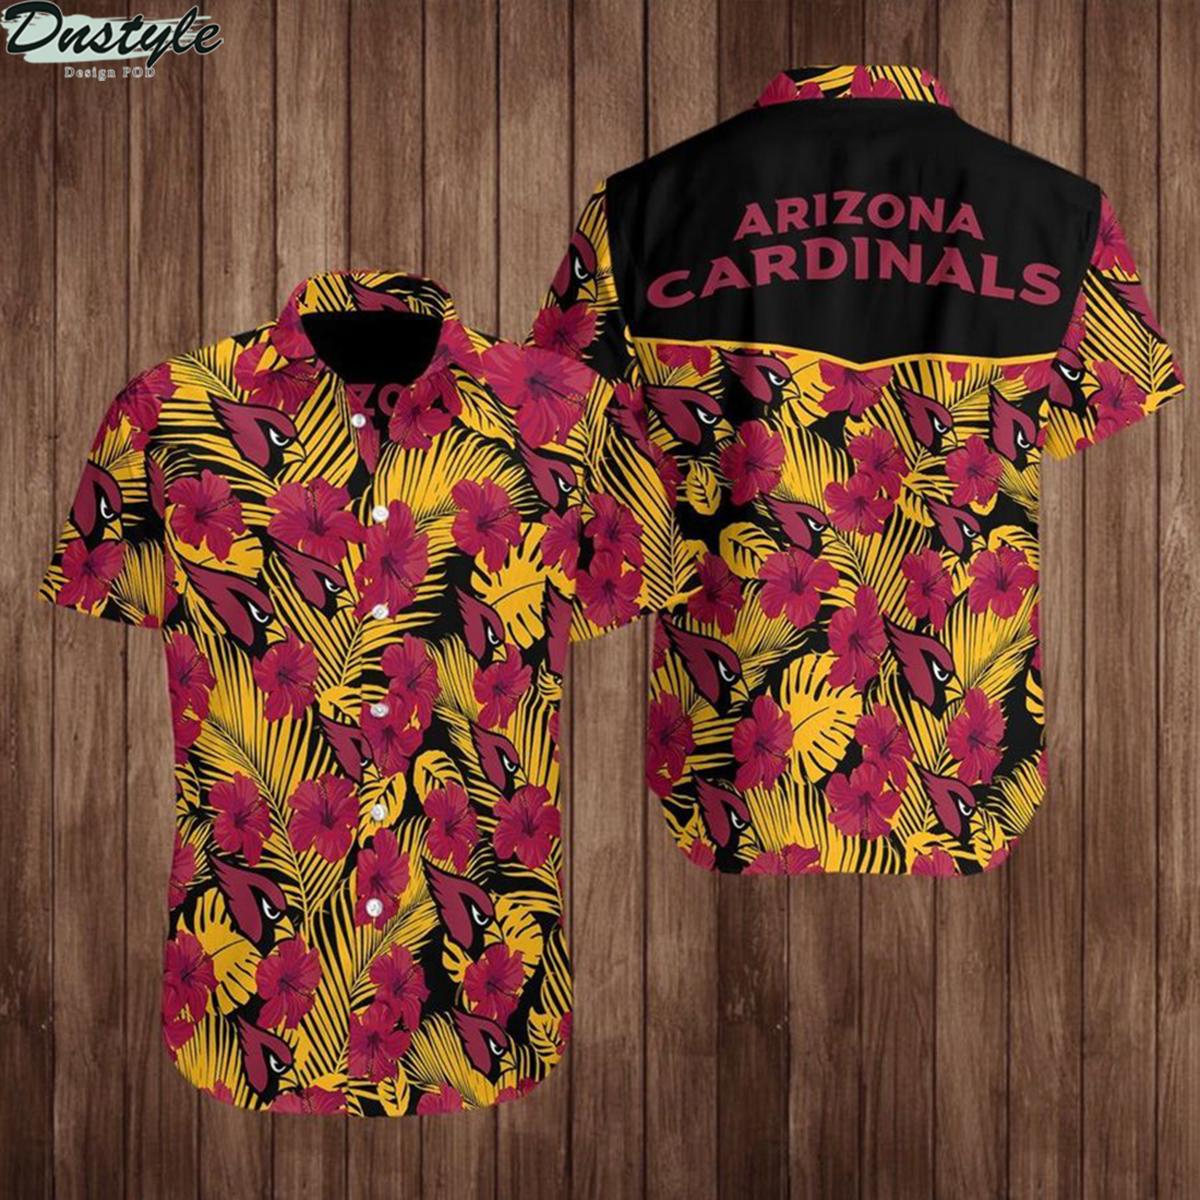 Arizona cardinals nfl football hawaiian shirt 1